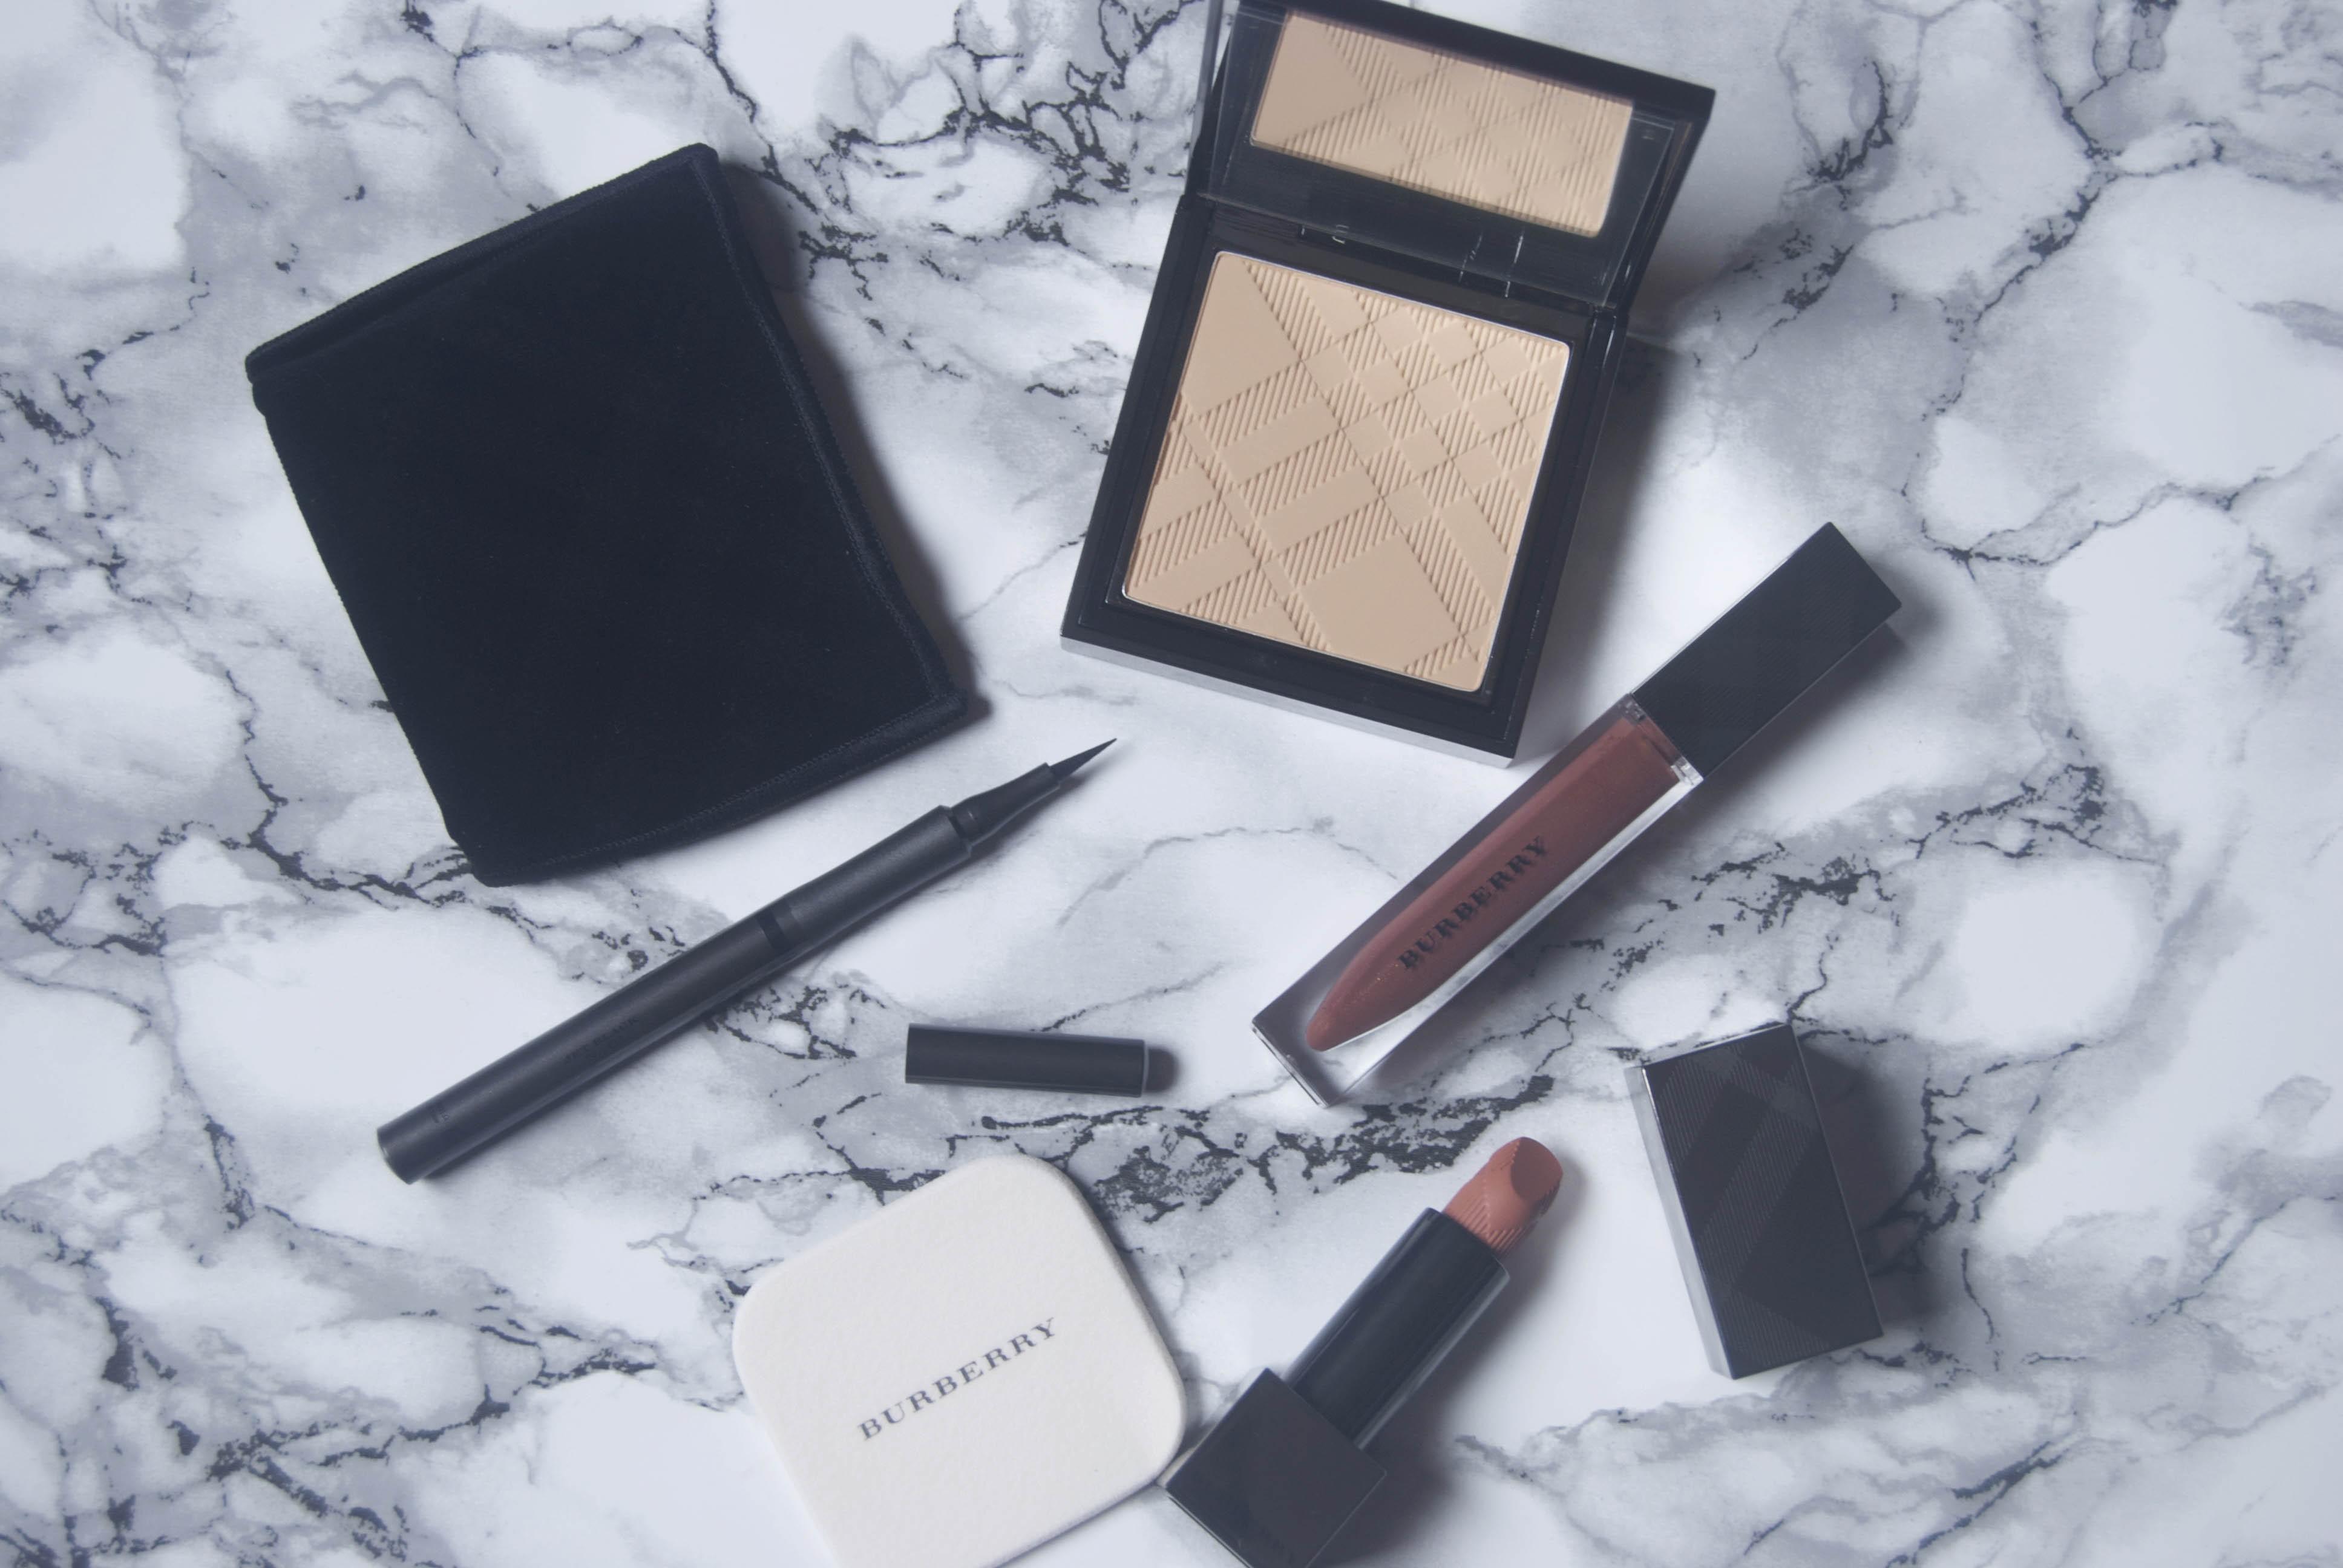 burberry makeup review